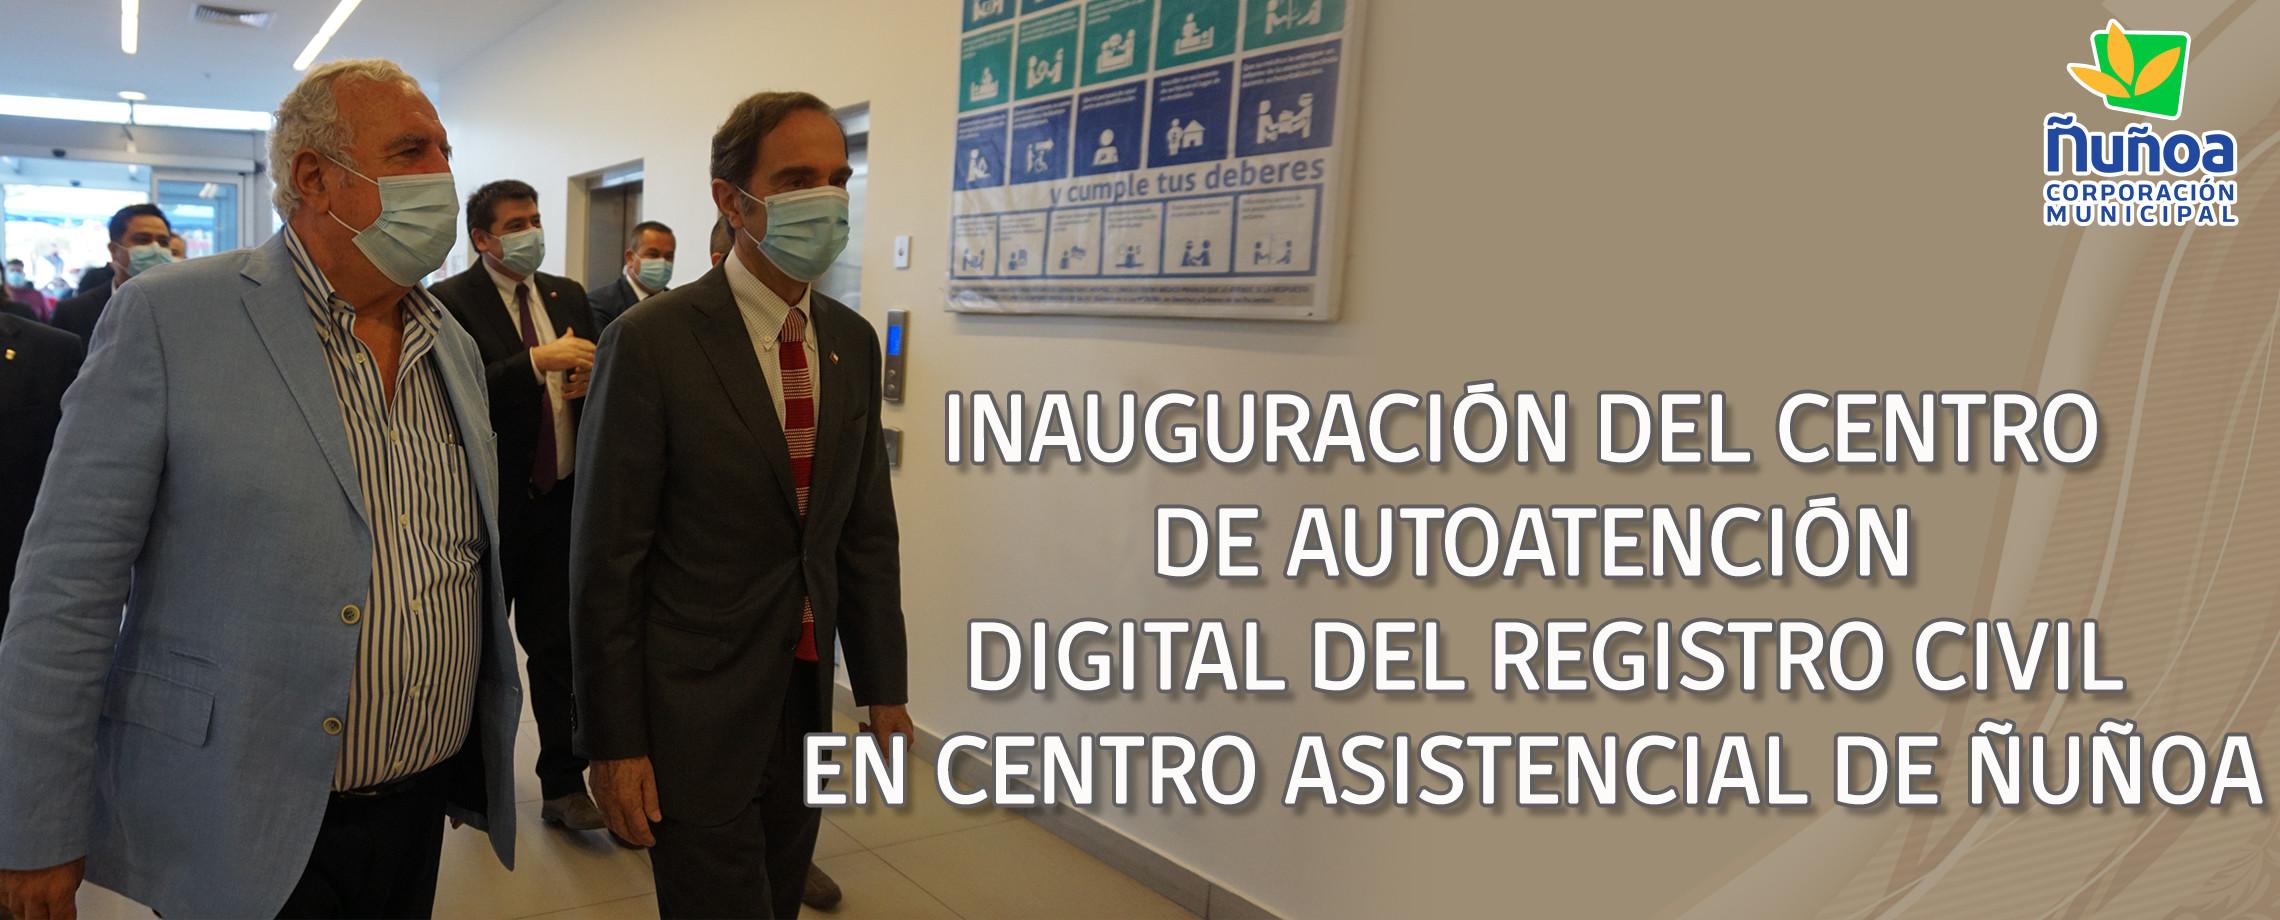 INAUGURACIÓN CENTRO DE AUTOATENCIÓN DIGITAL DEL REGISTRO       CIVIL